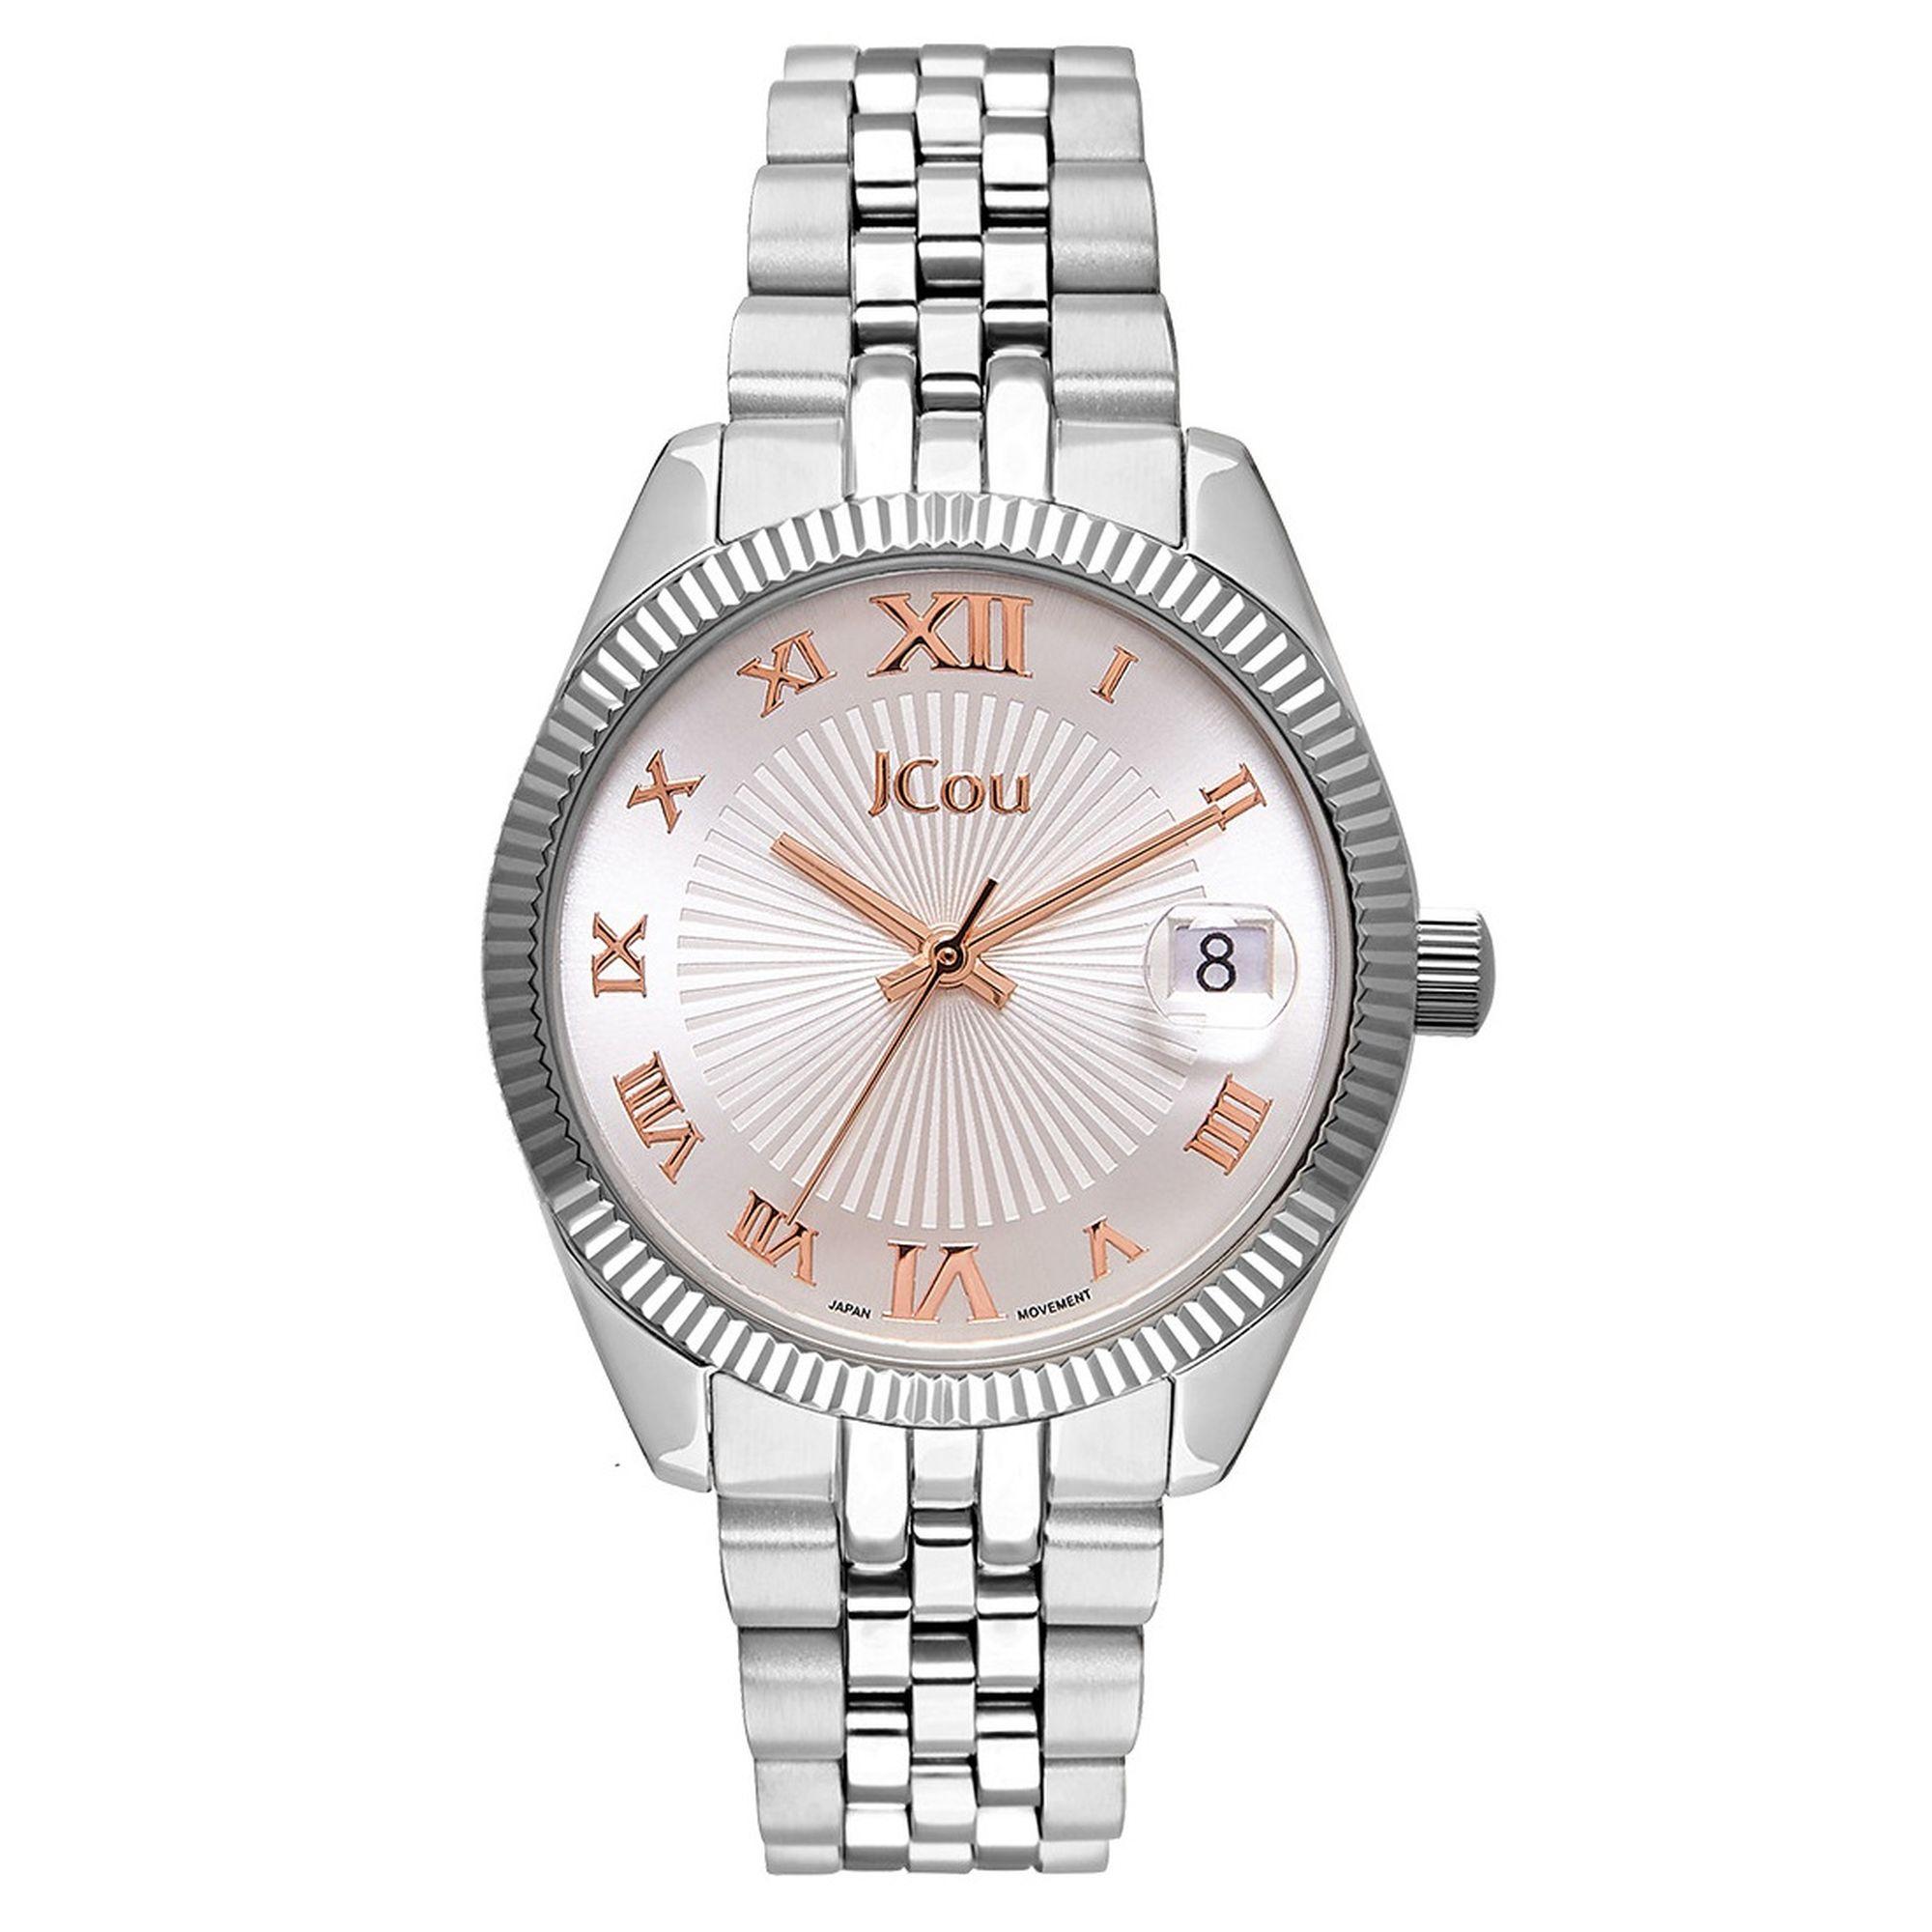 Jcou Queen's Mini με Ασημί Μπρασελέ JU17031-5, Ρολόι, Ρολόγια, Χρυσό Μπρασελέ, JCou, Αδιάβροχα ρολόι, γυναικείο ρολόι,